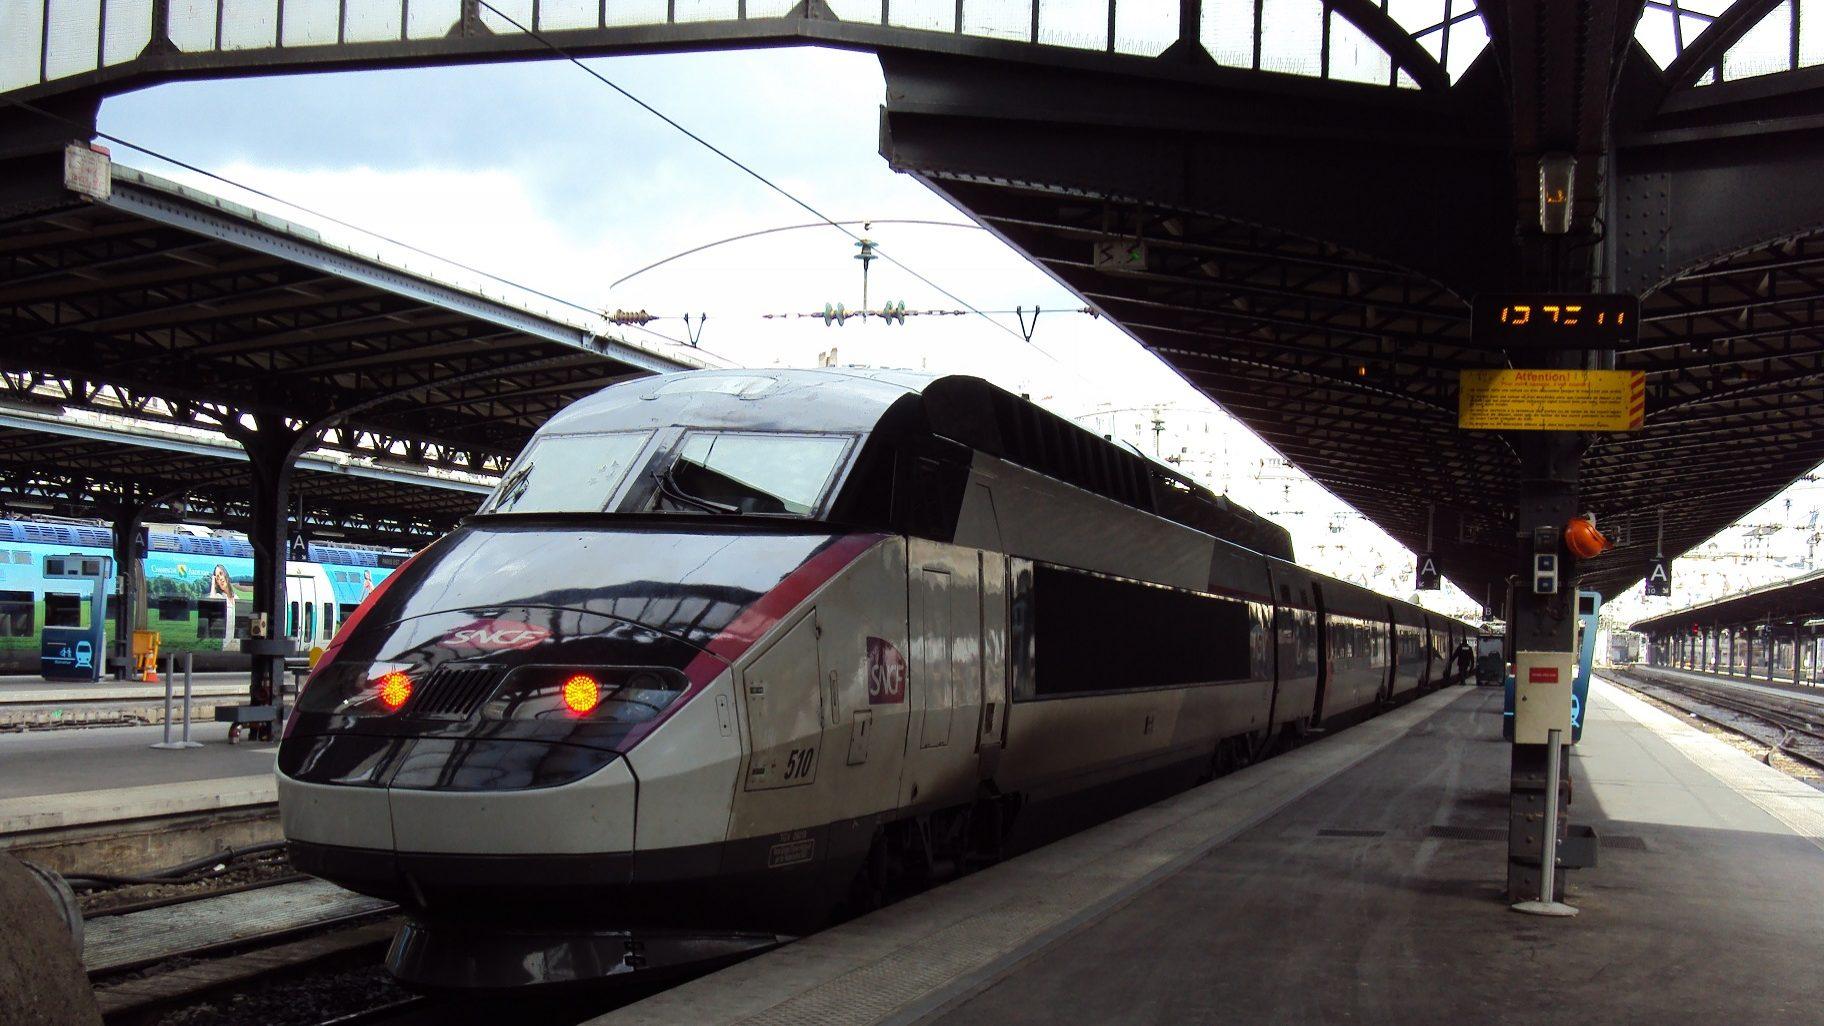 TGV em Portugal? Prioridade é reforçar conexões ferroviárias, diz comissária europeia